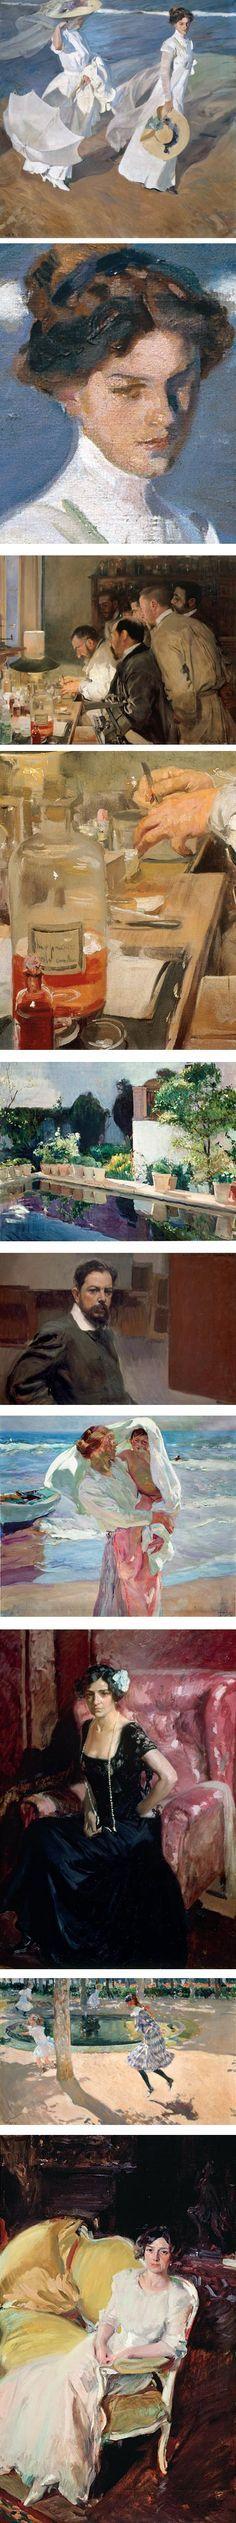 Museo Sorolla on Google Art Project; Joaquin Sorolla y Bastida